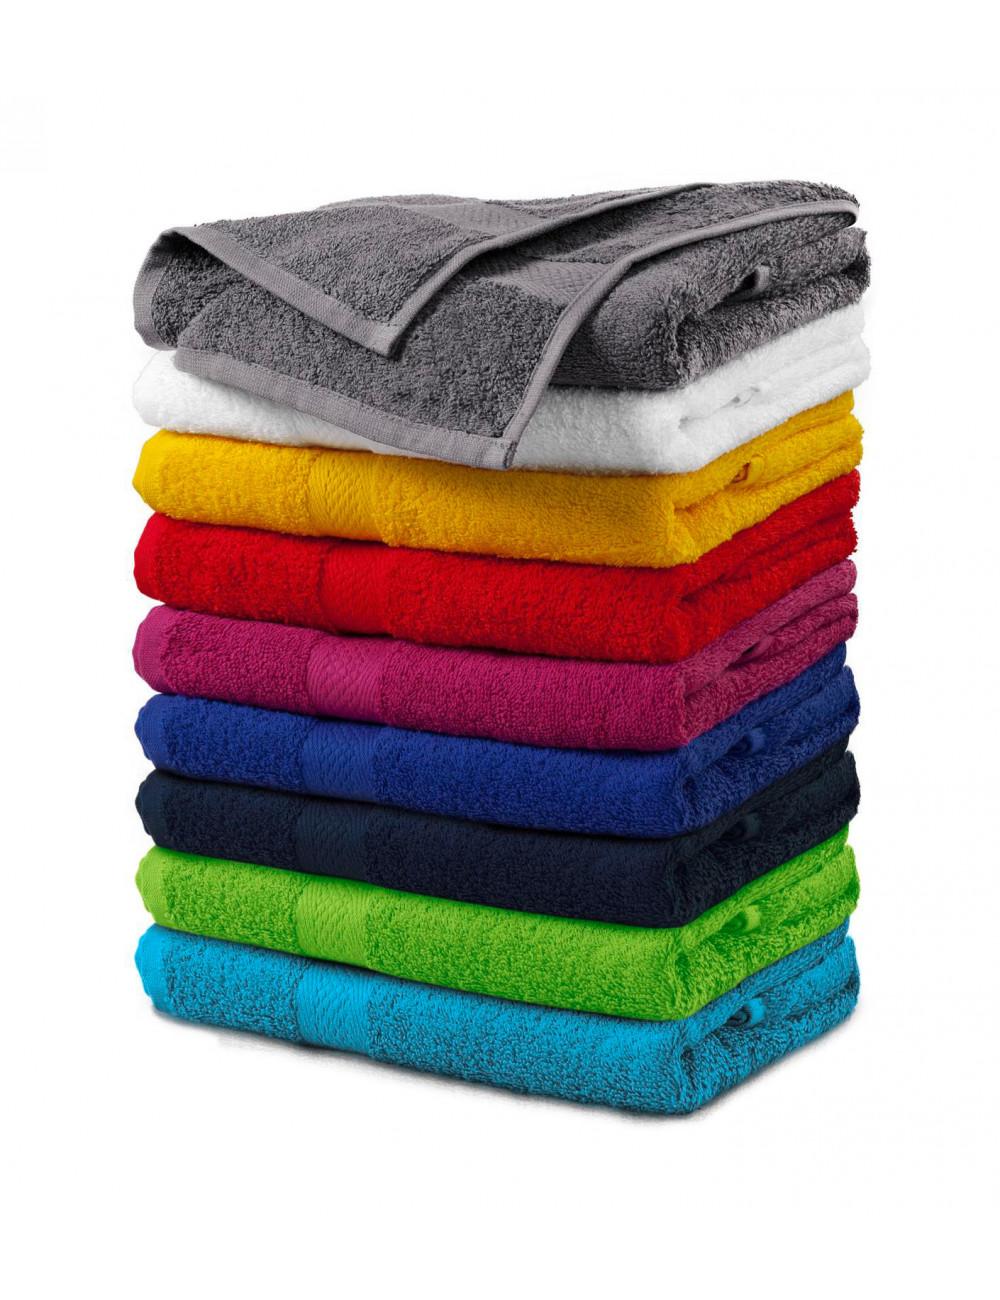 Adler MALFINI Ręcznik unisex Terry Towel 903 szaroczarny melanż